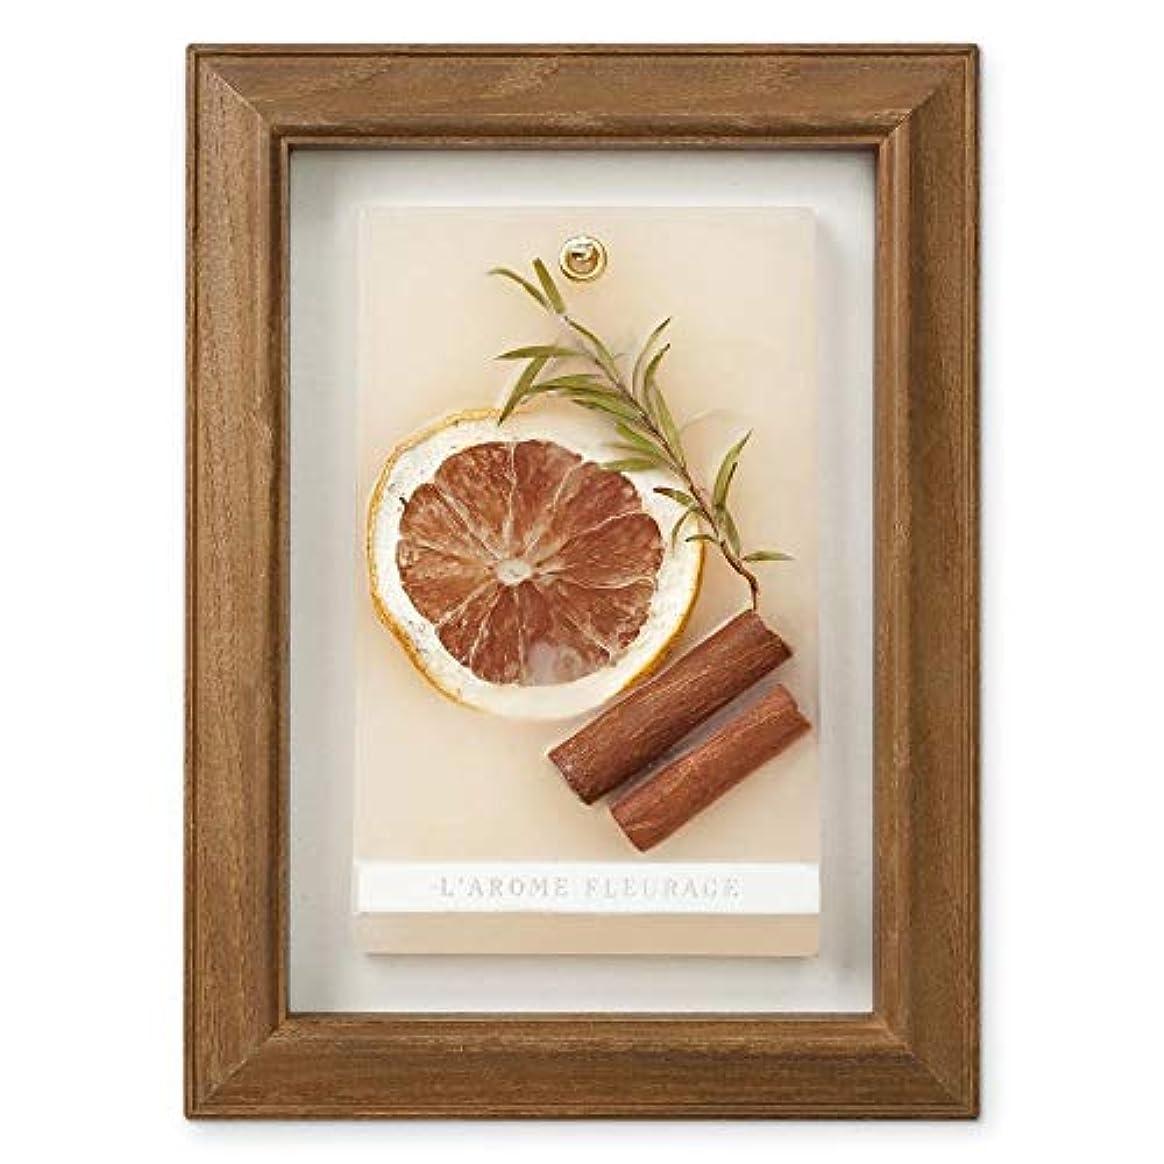 レビュー圧倒するきしむFLEURAGE(フルラージュ) アロマワックスサシェ スイートオレンジの香り Orange×AntiqueBrown KH-61121